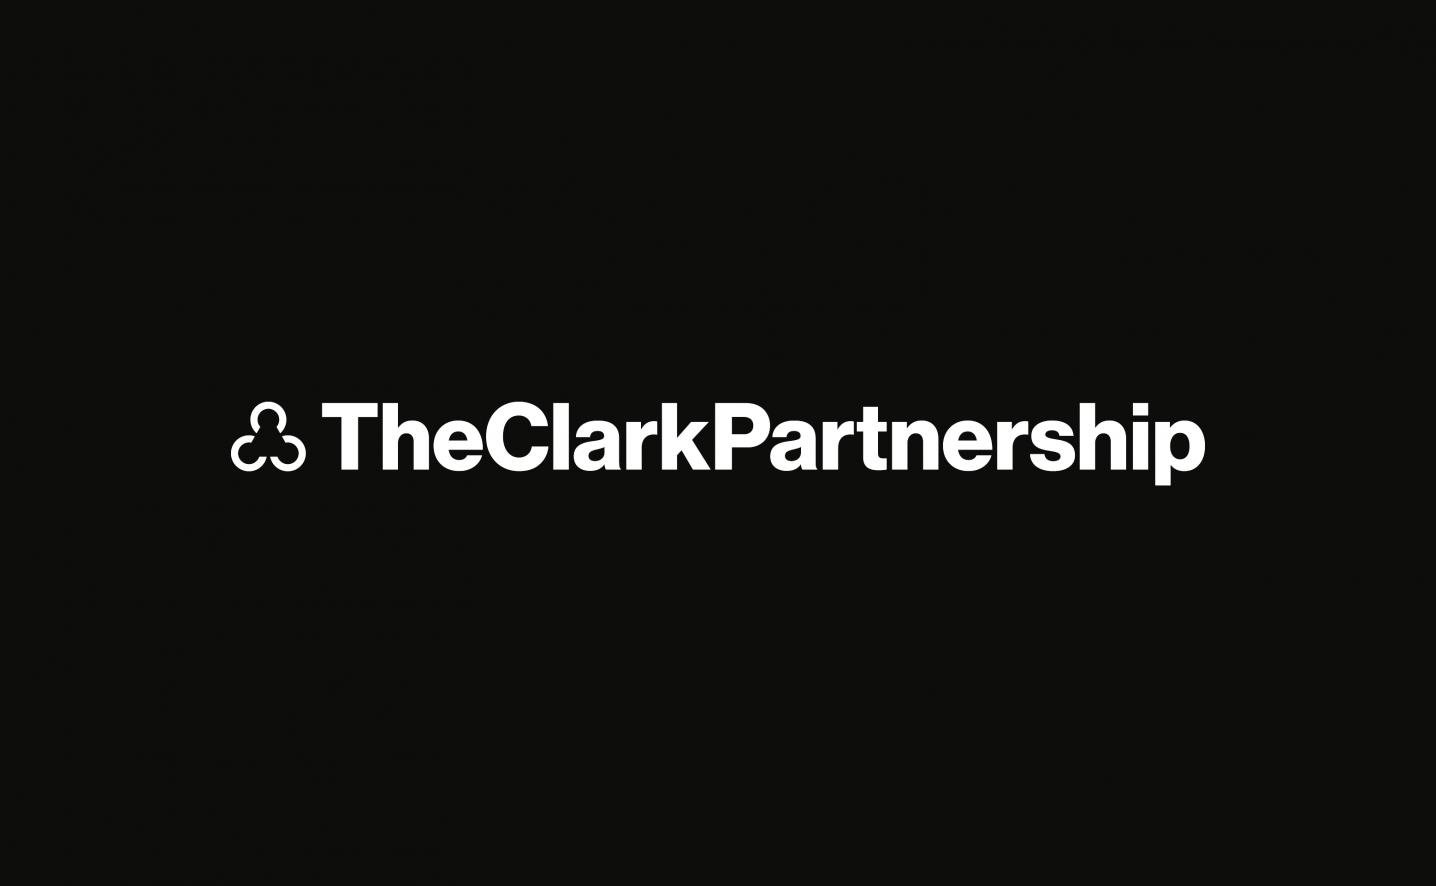 Clark logo design